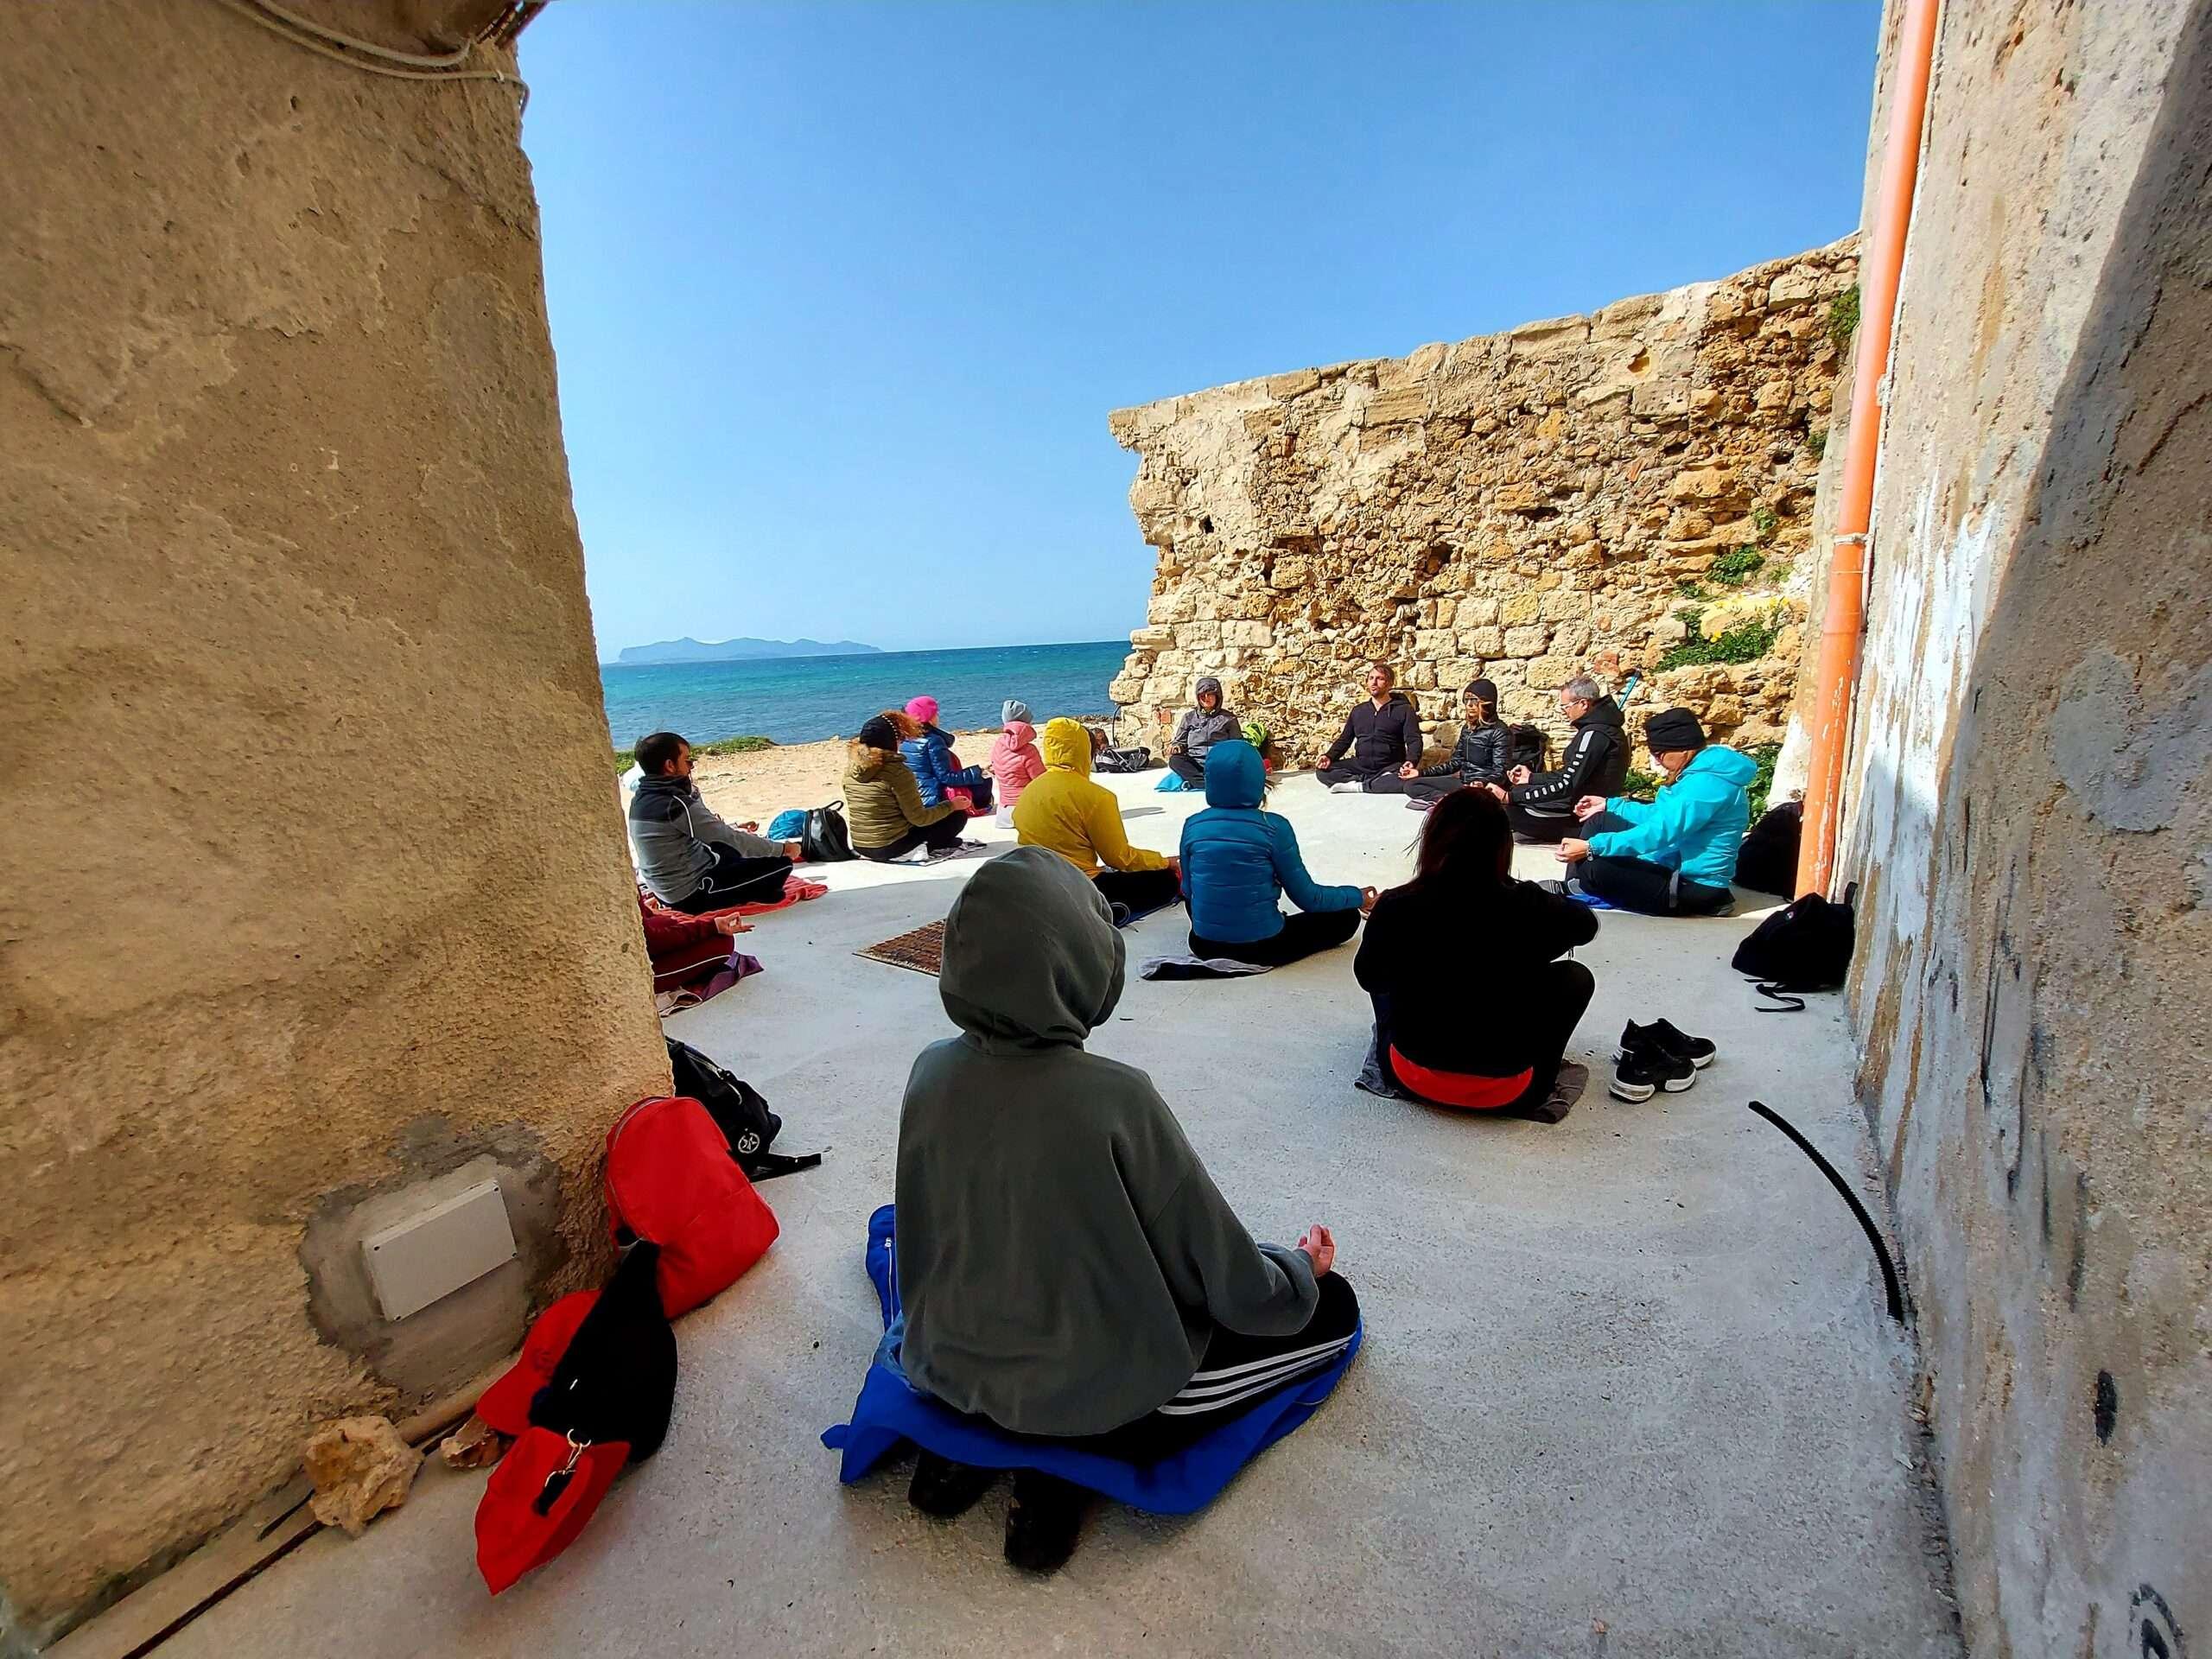 Benessere e yoga a Marsala